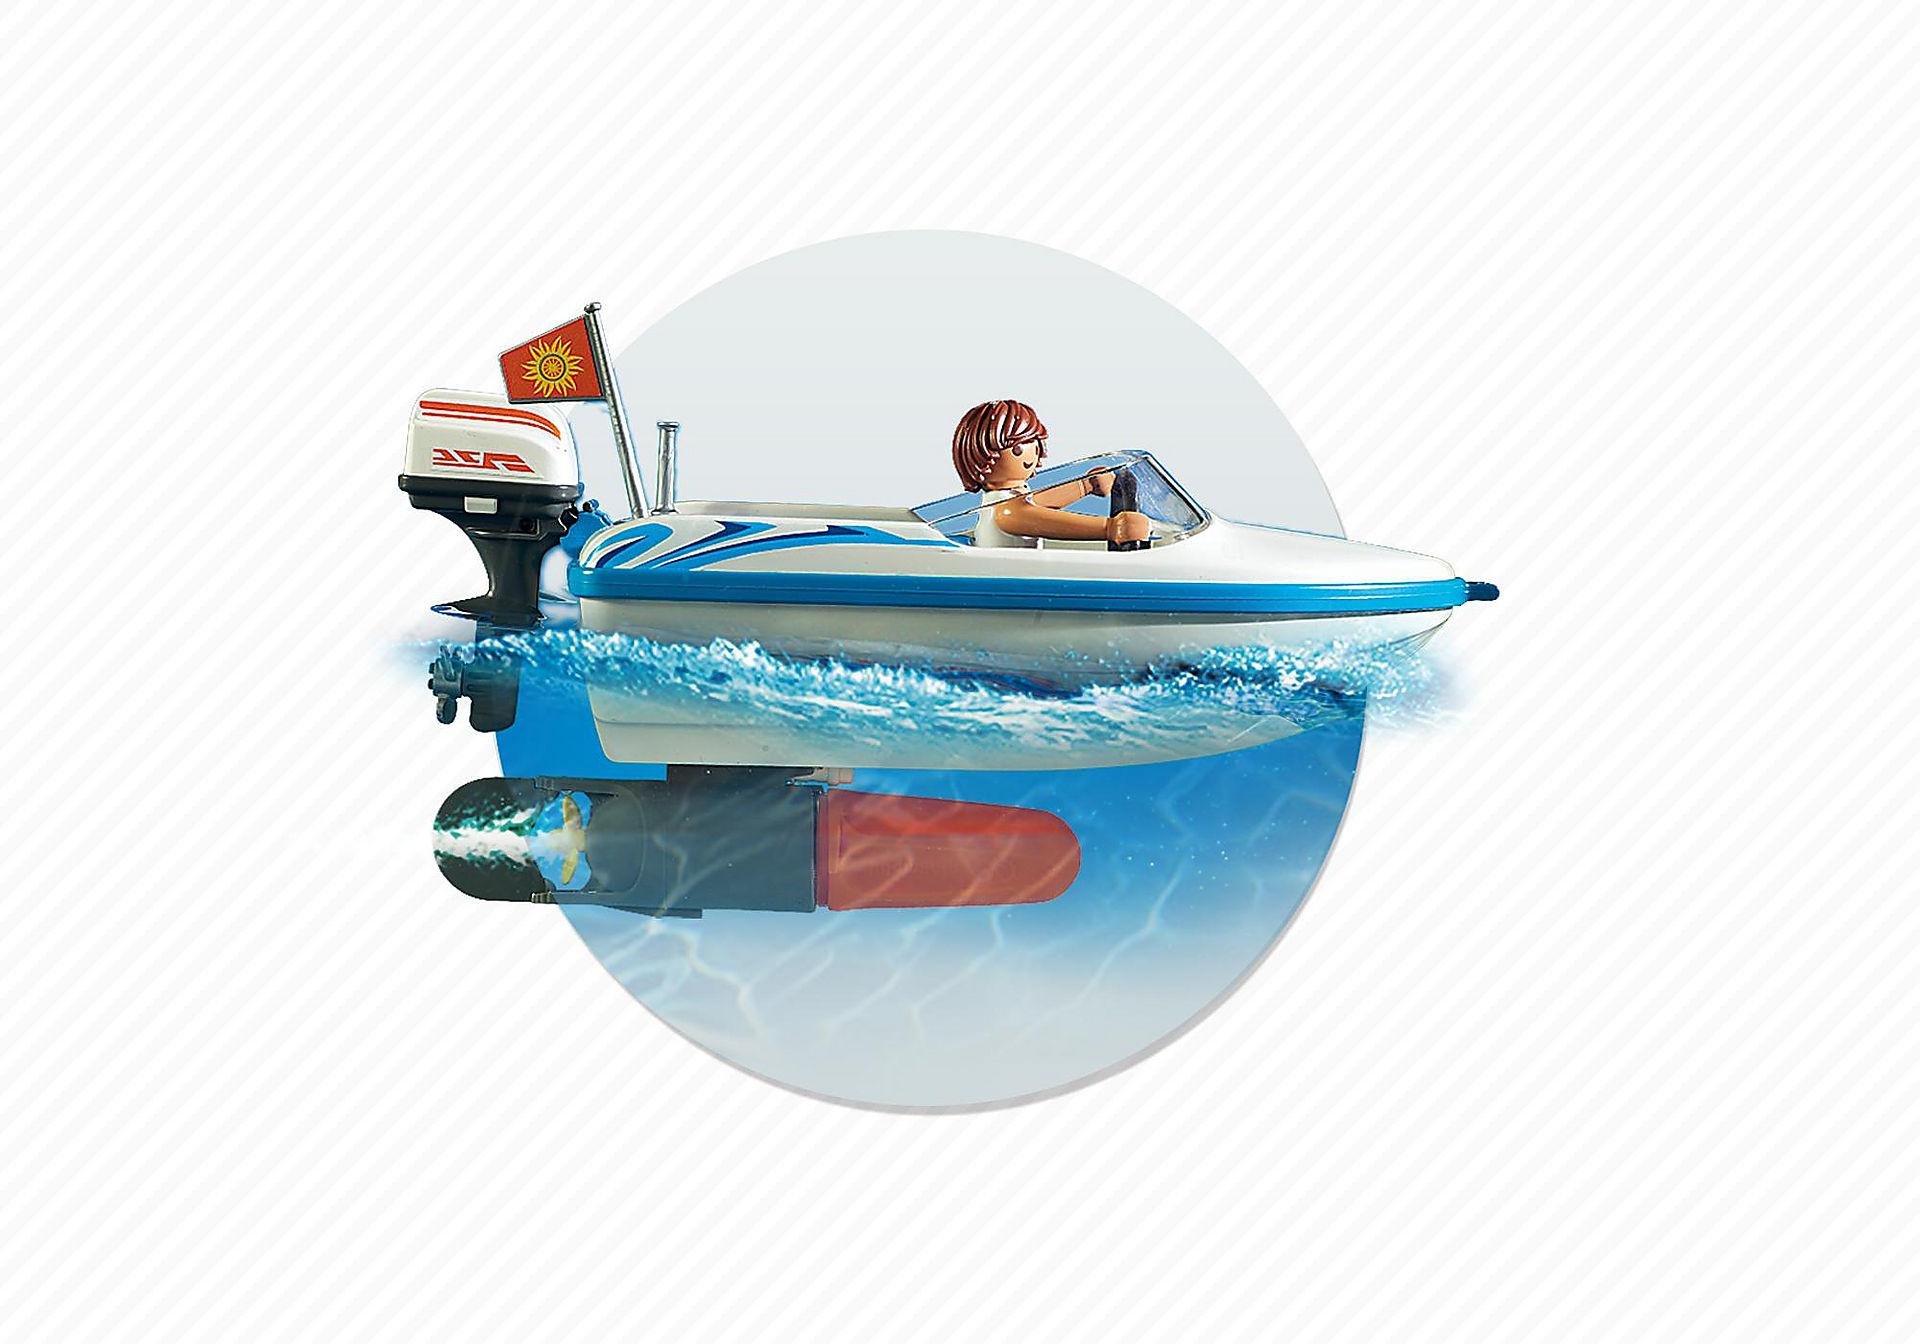 6864 Voiture  avec bateau et moteur submersible  zoom image8